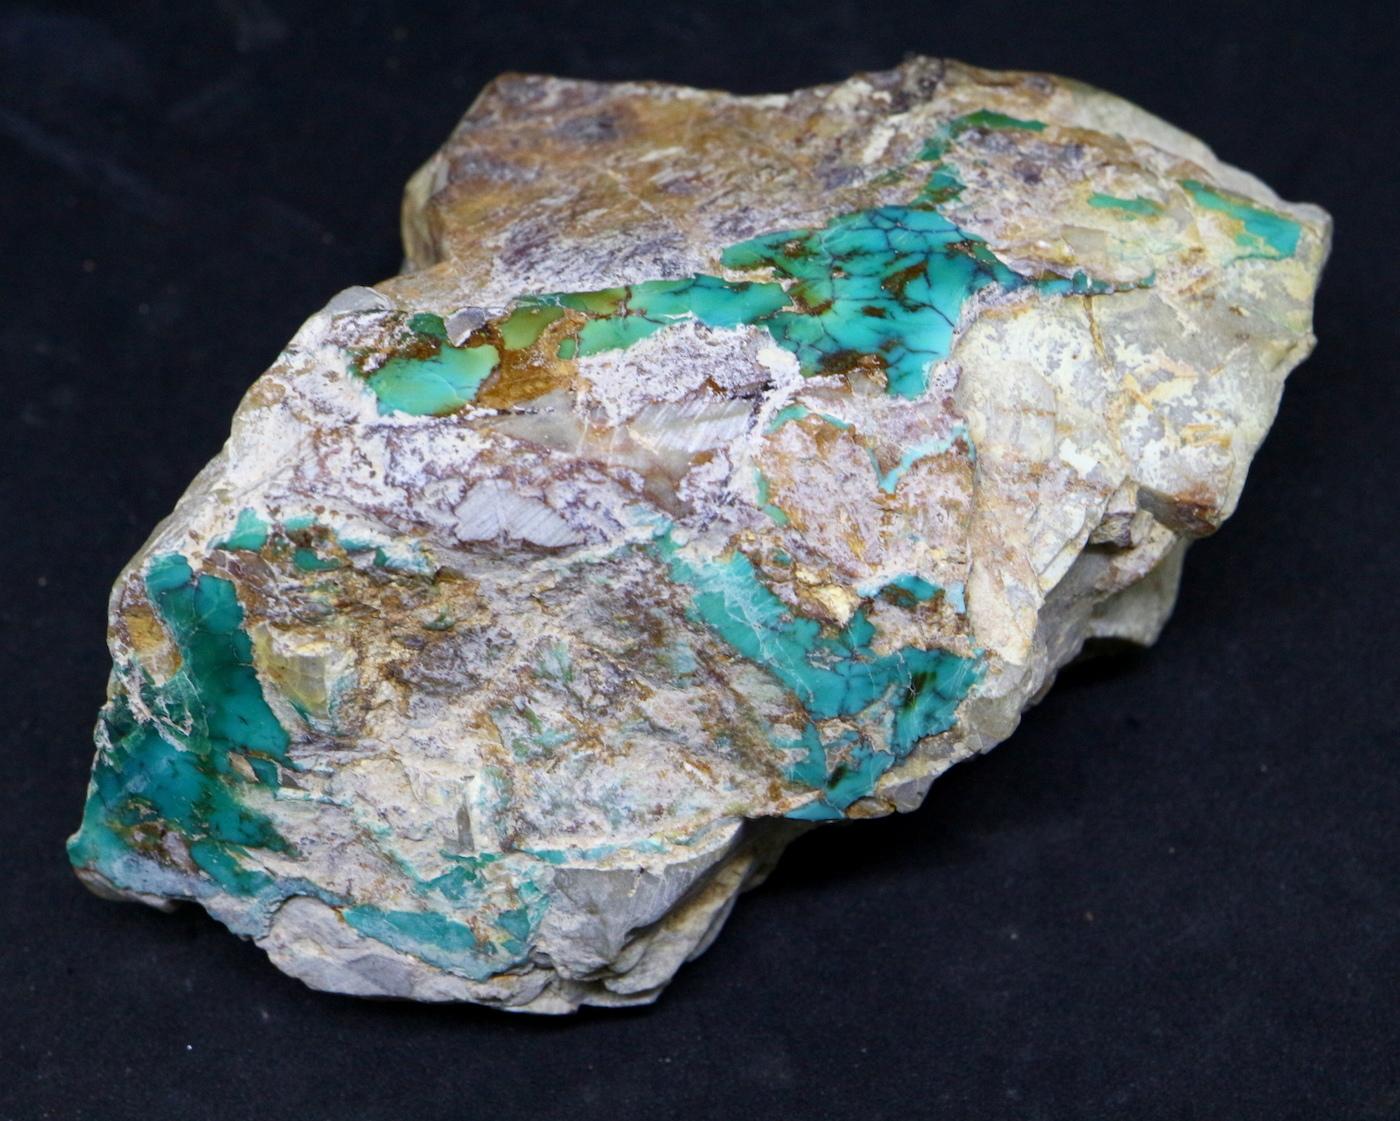 ロイストーンターコイズ Turquoise 原石 ネバタ州産 194,7g TQ112